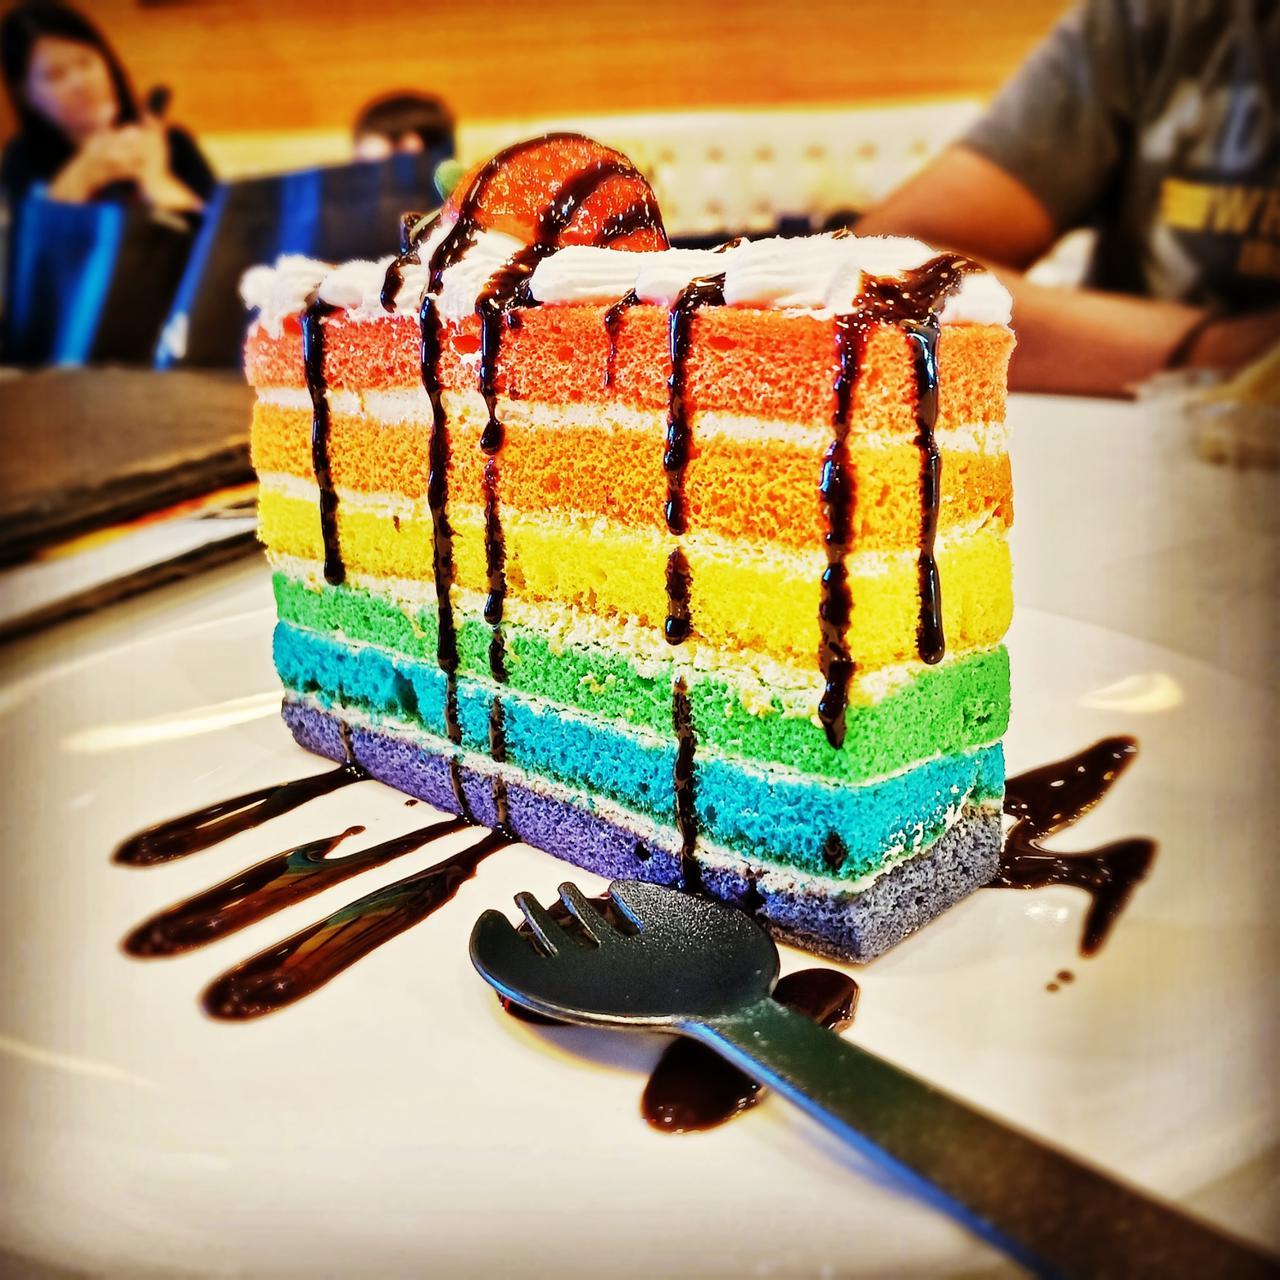 Rainbow cake taken by using vivo v15